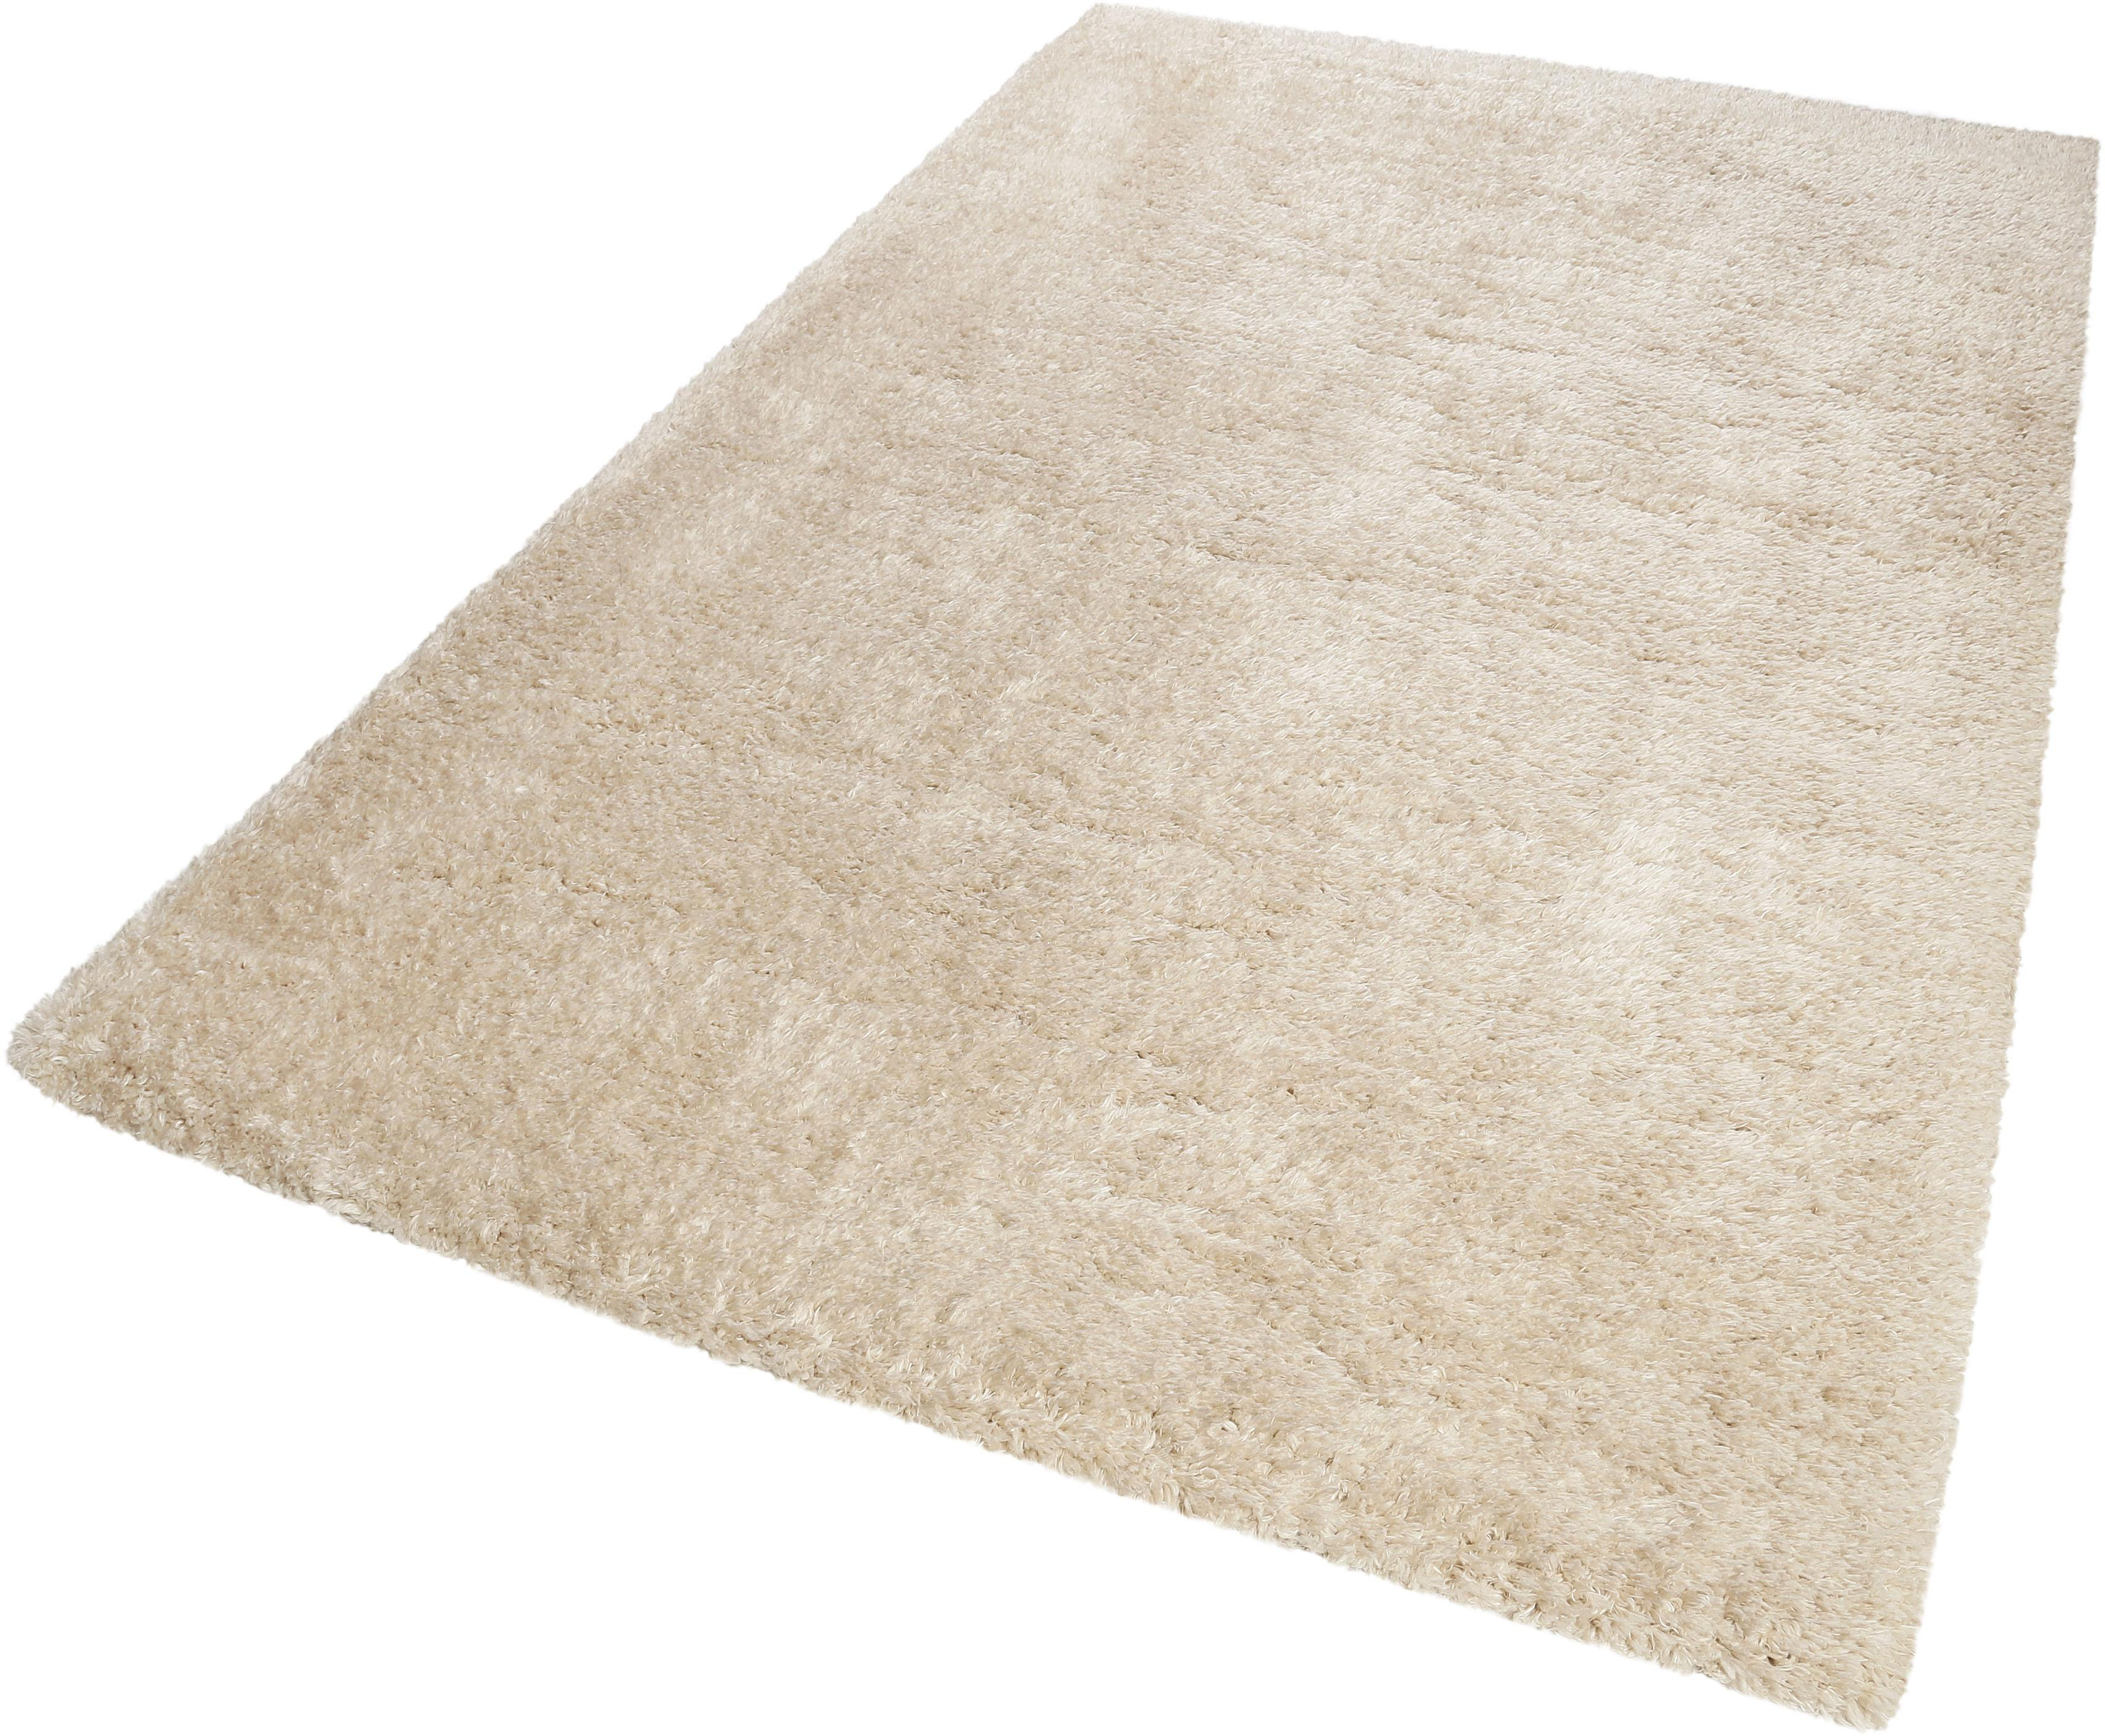 Hochflor-Teppich Toubkal Wecon Home rechteckig Höhe 50 mm maschinell gewebt